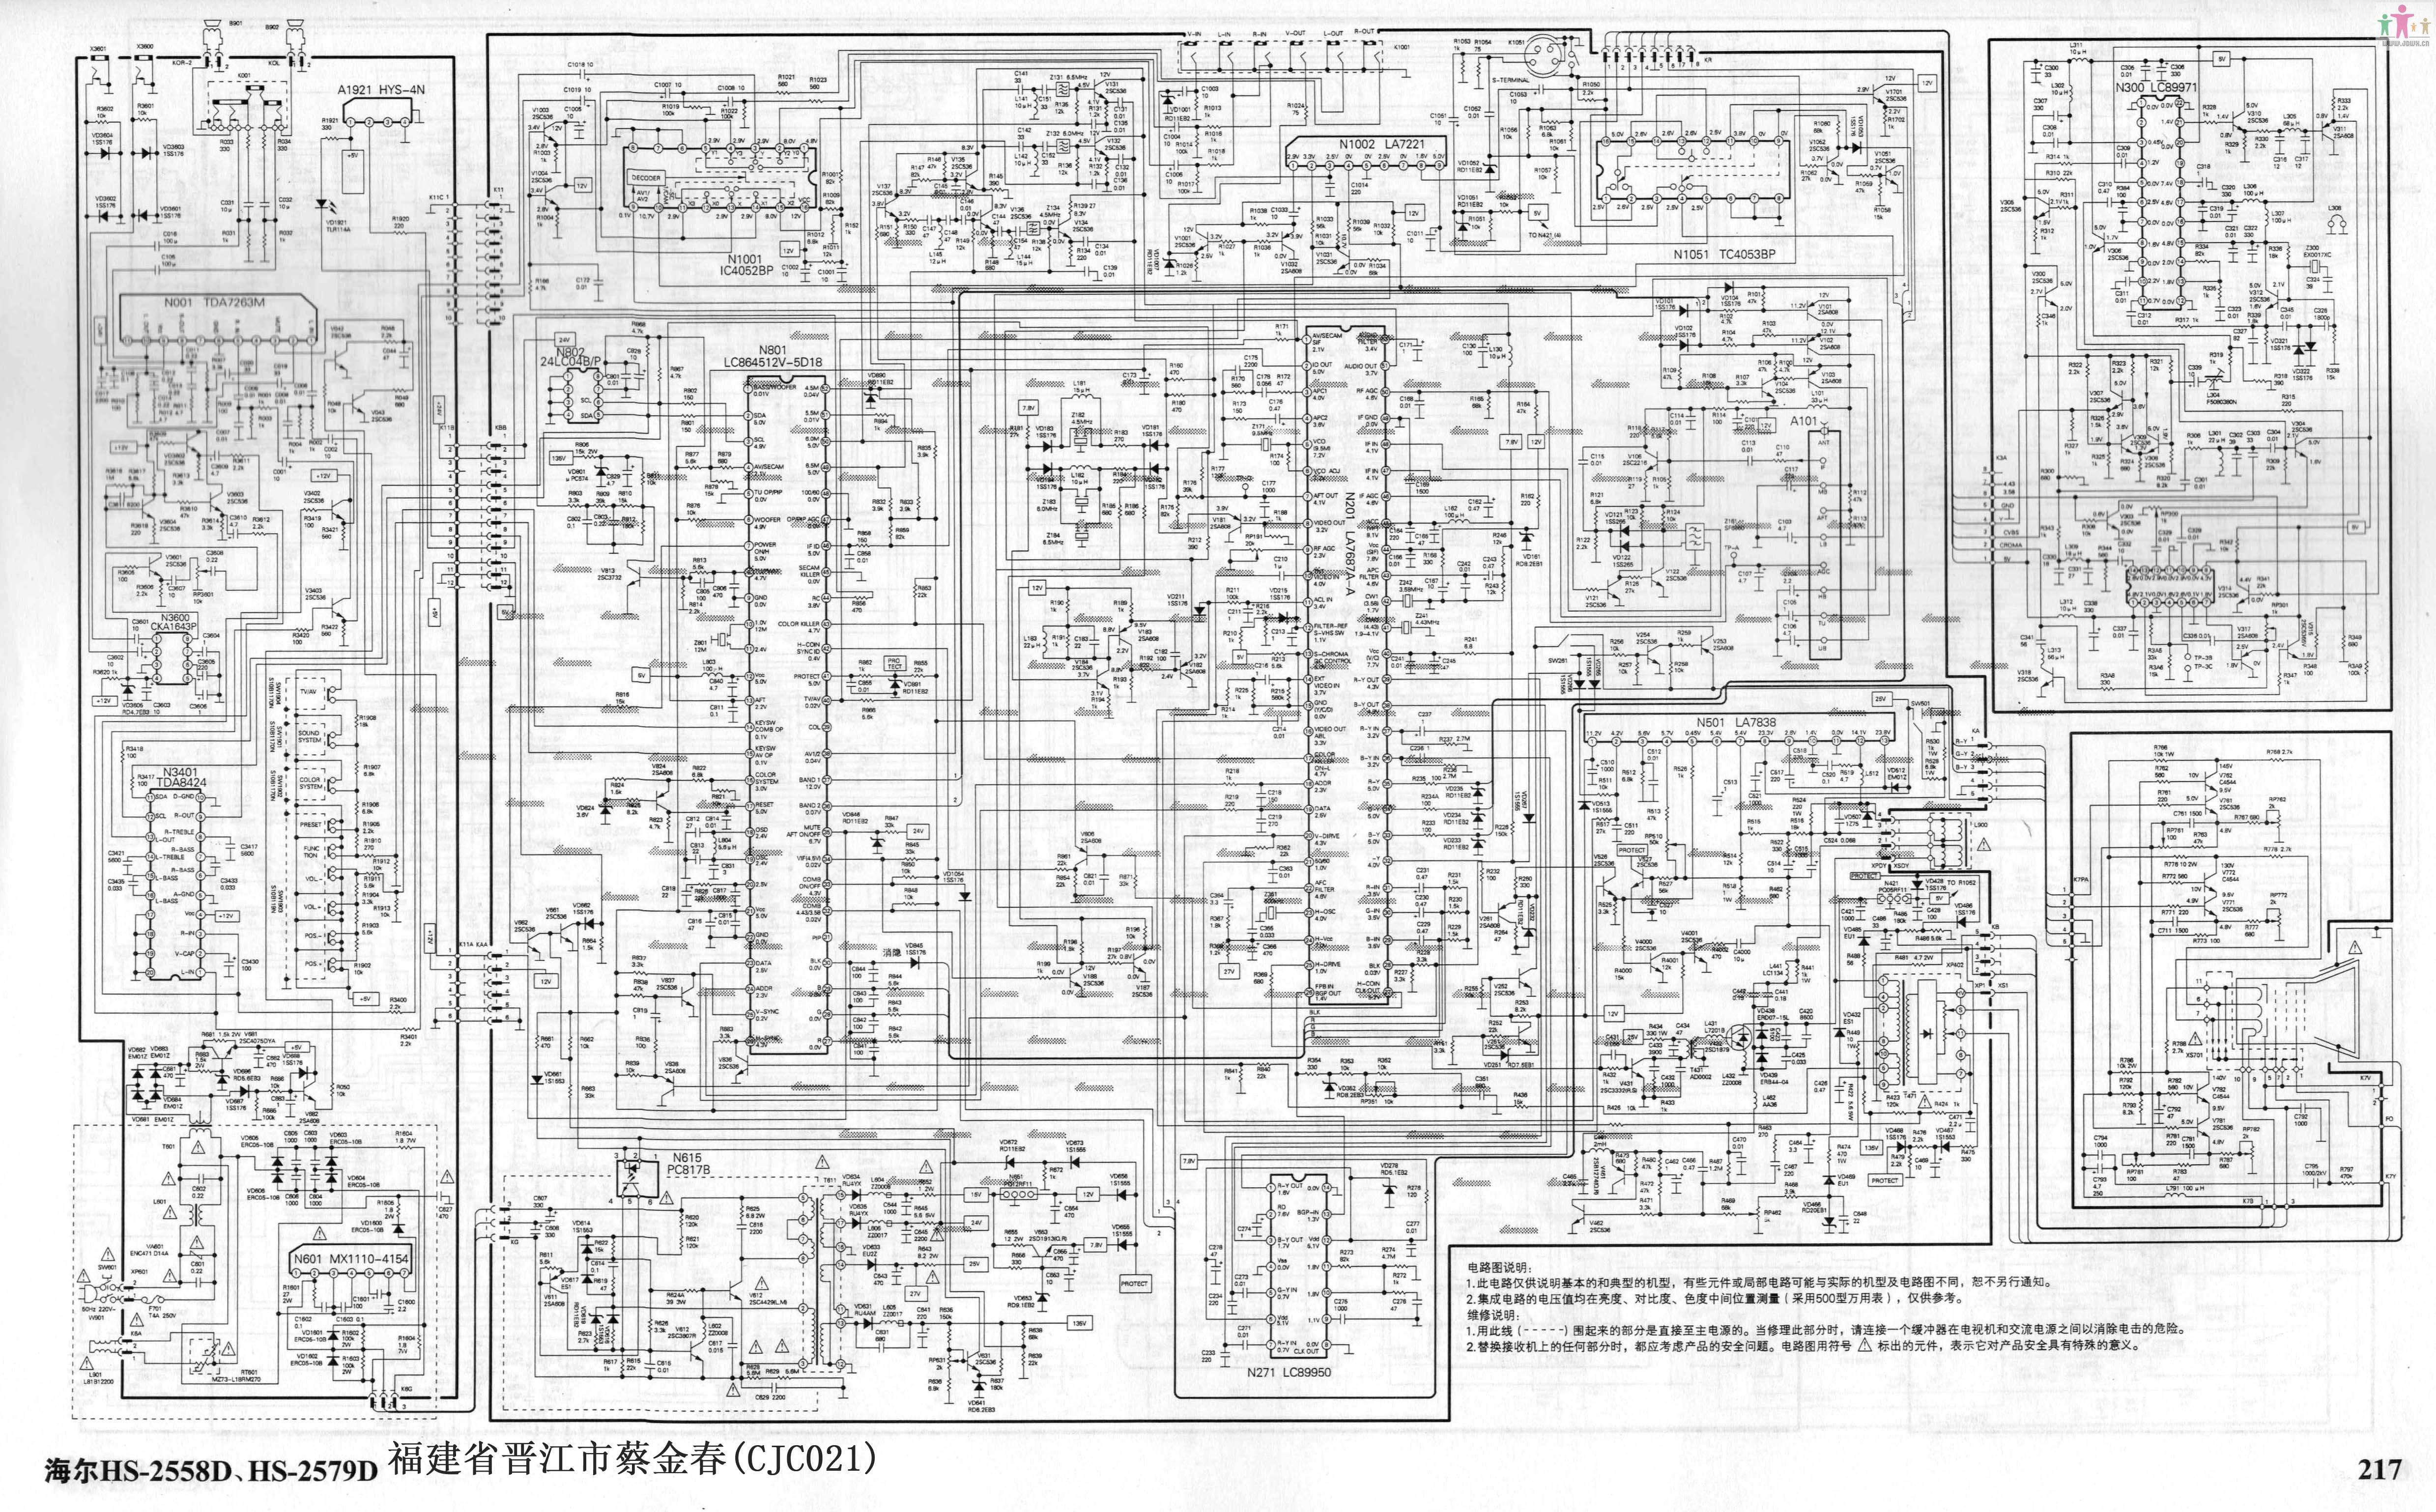 海尔hs-2558d机子的电路图(lc864516vla7687a)